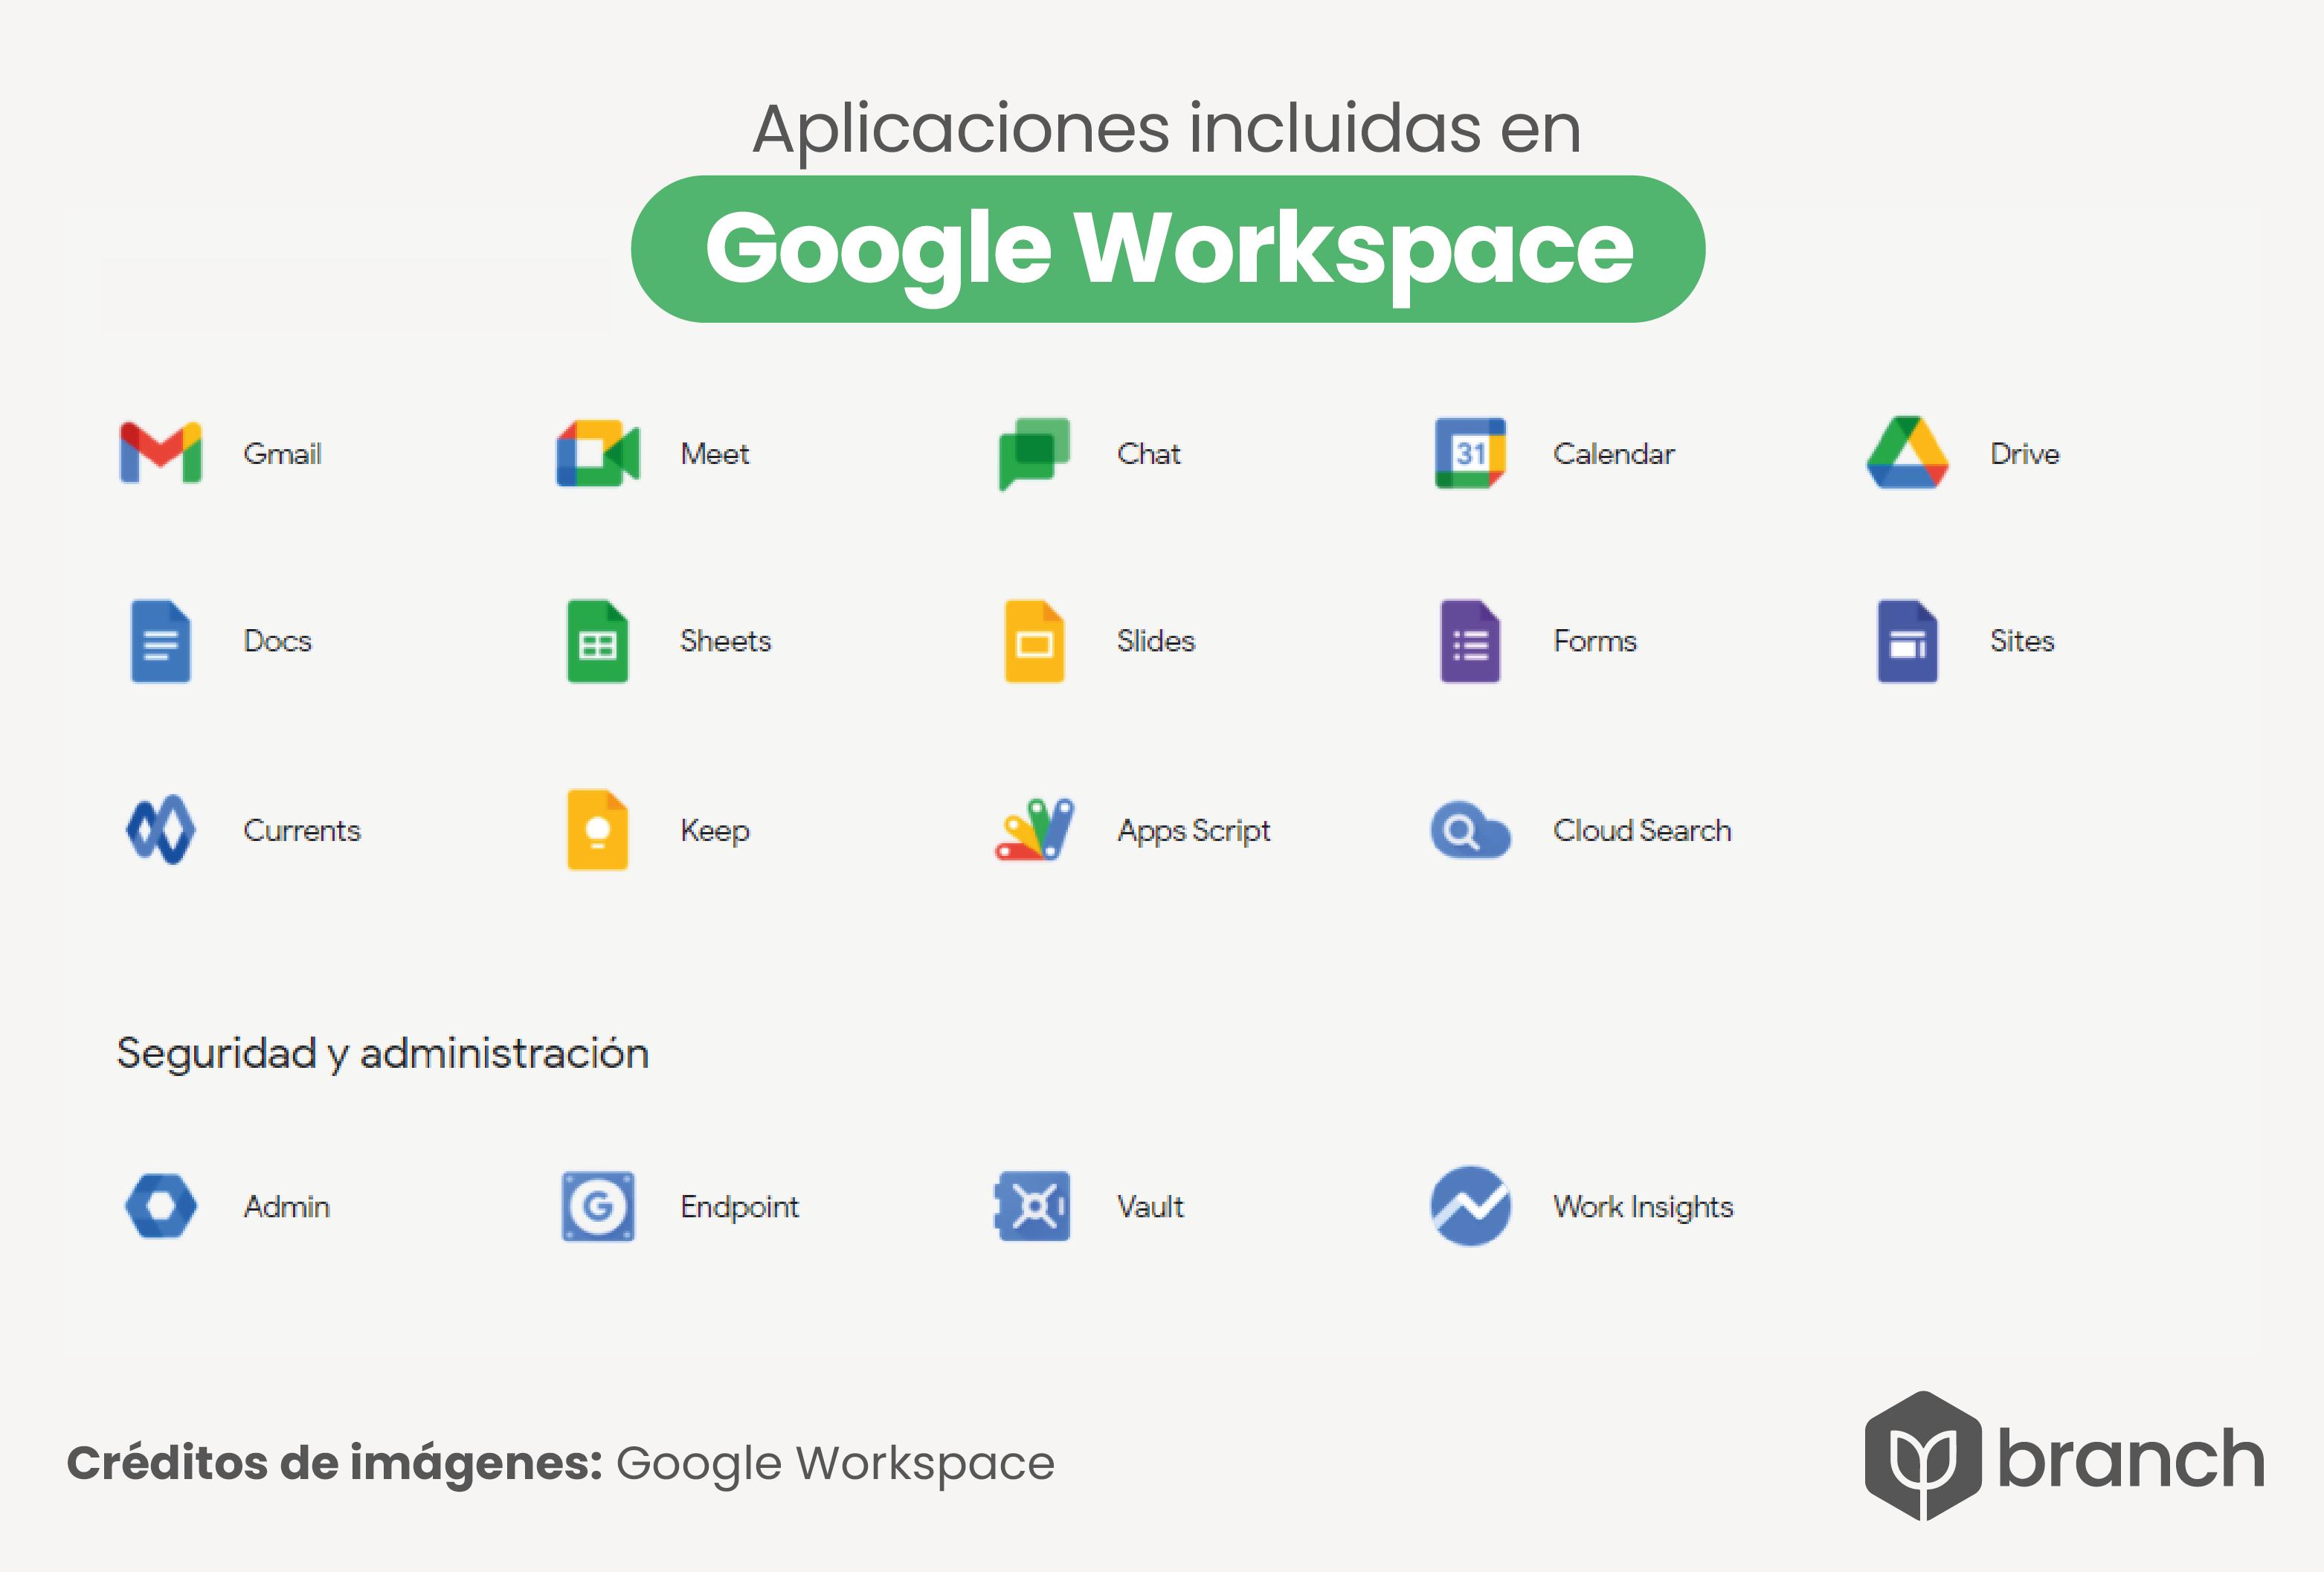 aplicaciones-inlcuidas-en-google-workspace